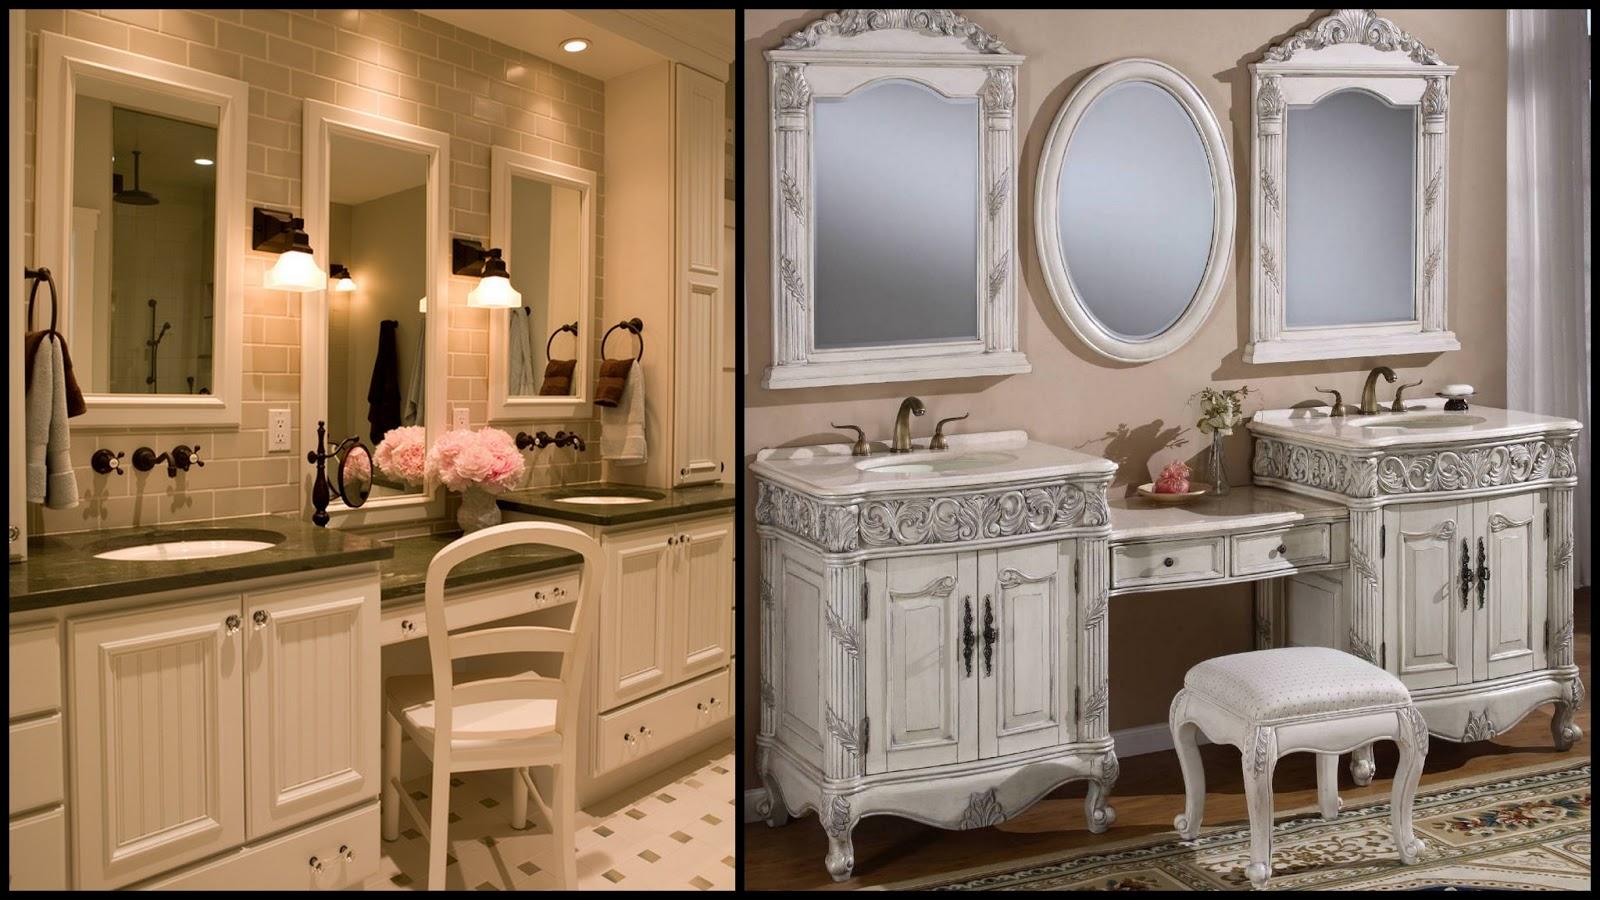 le boudoir d 39 ines ces coiffeuses qui font r ver ou pas. Black Bedroom Furniture Sets. Home Design Ideas